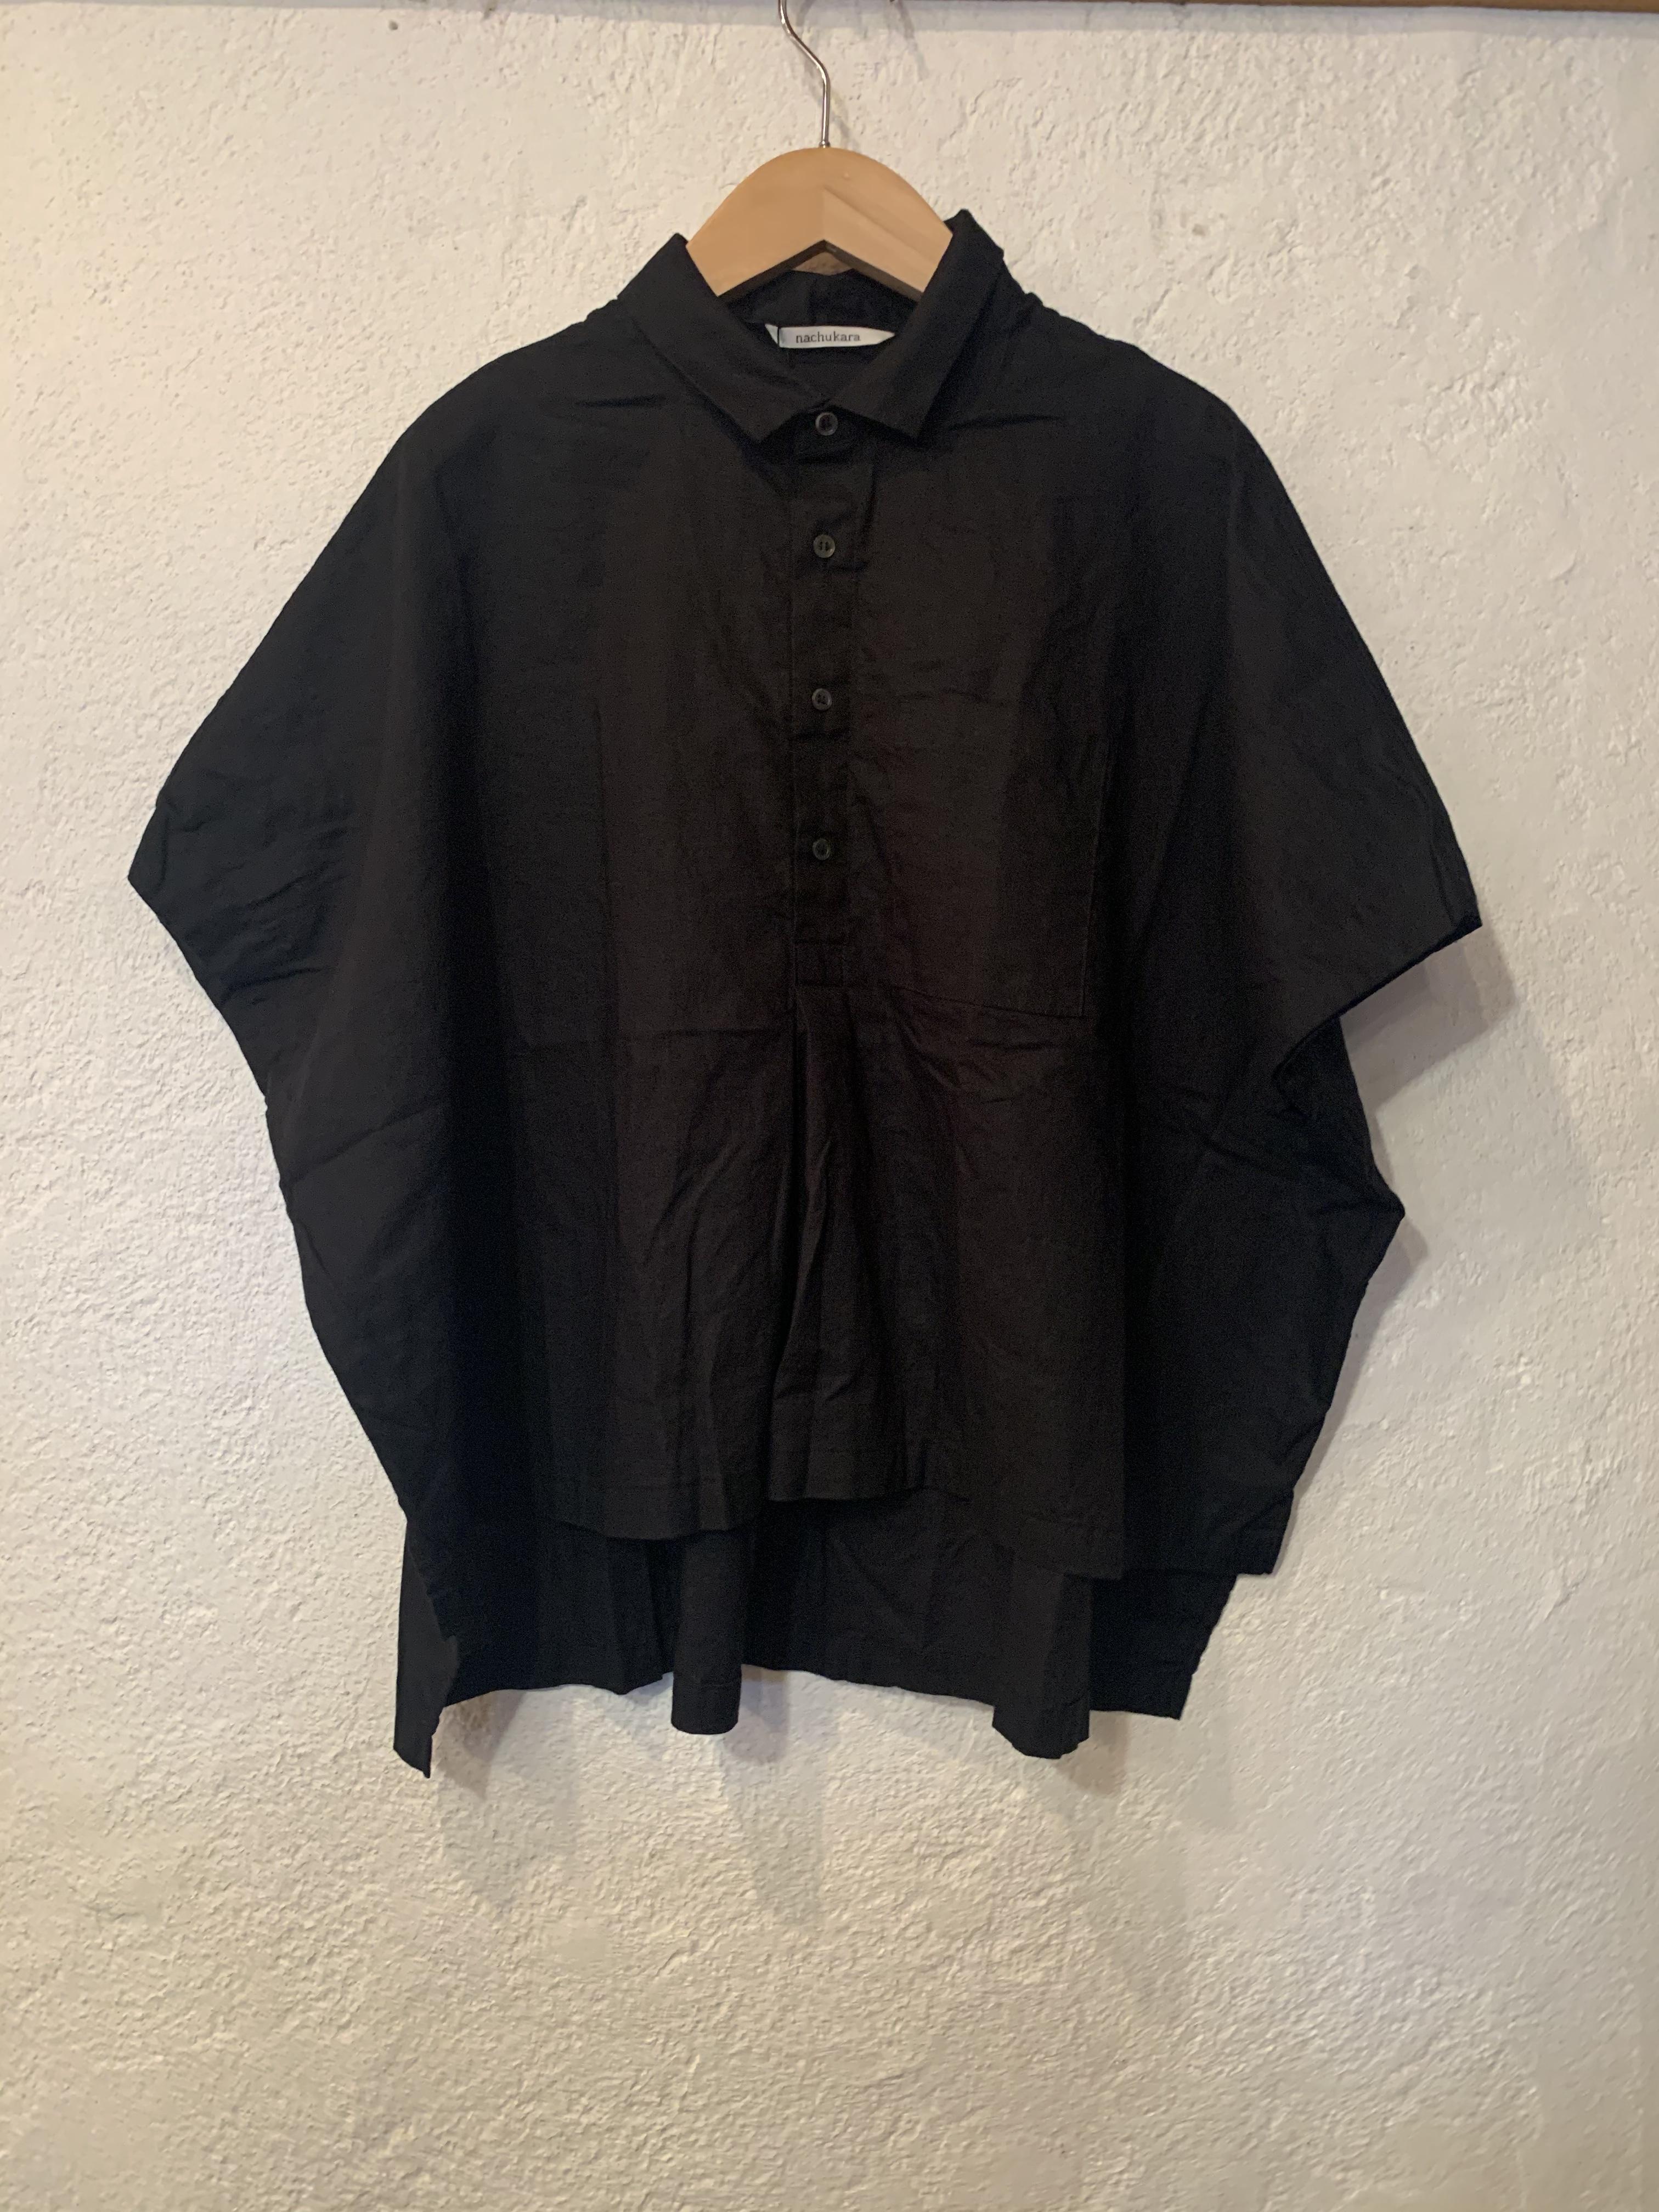 nachukara/5分袖プルオーバーブラウス  ブラック